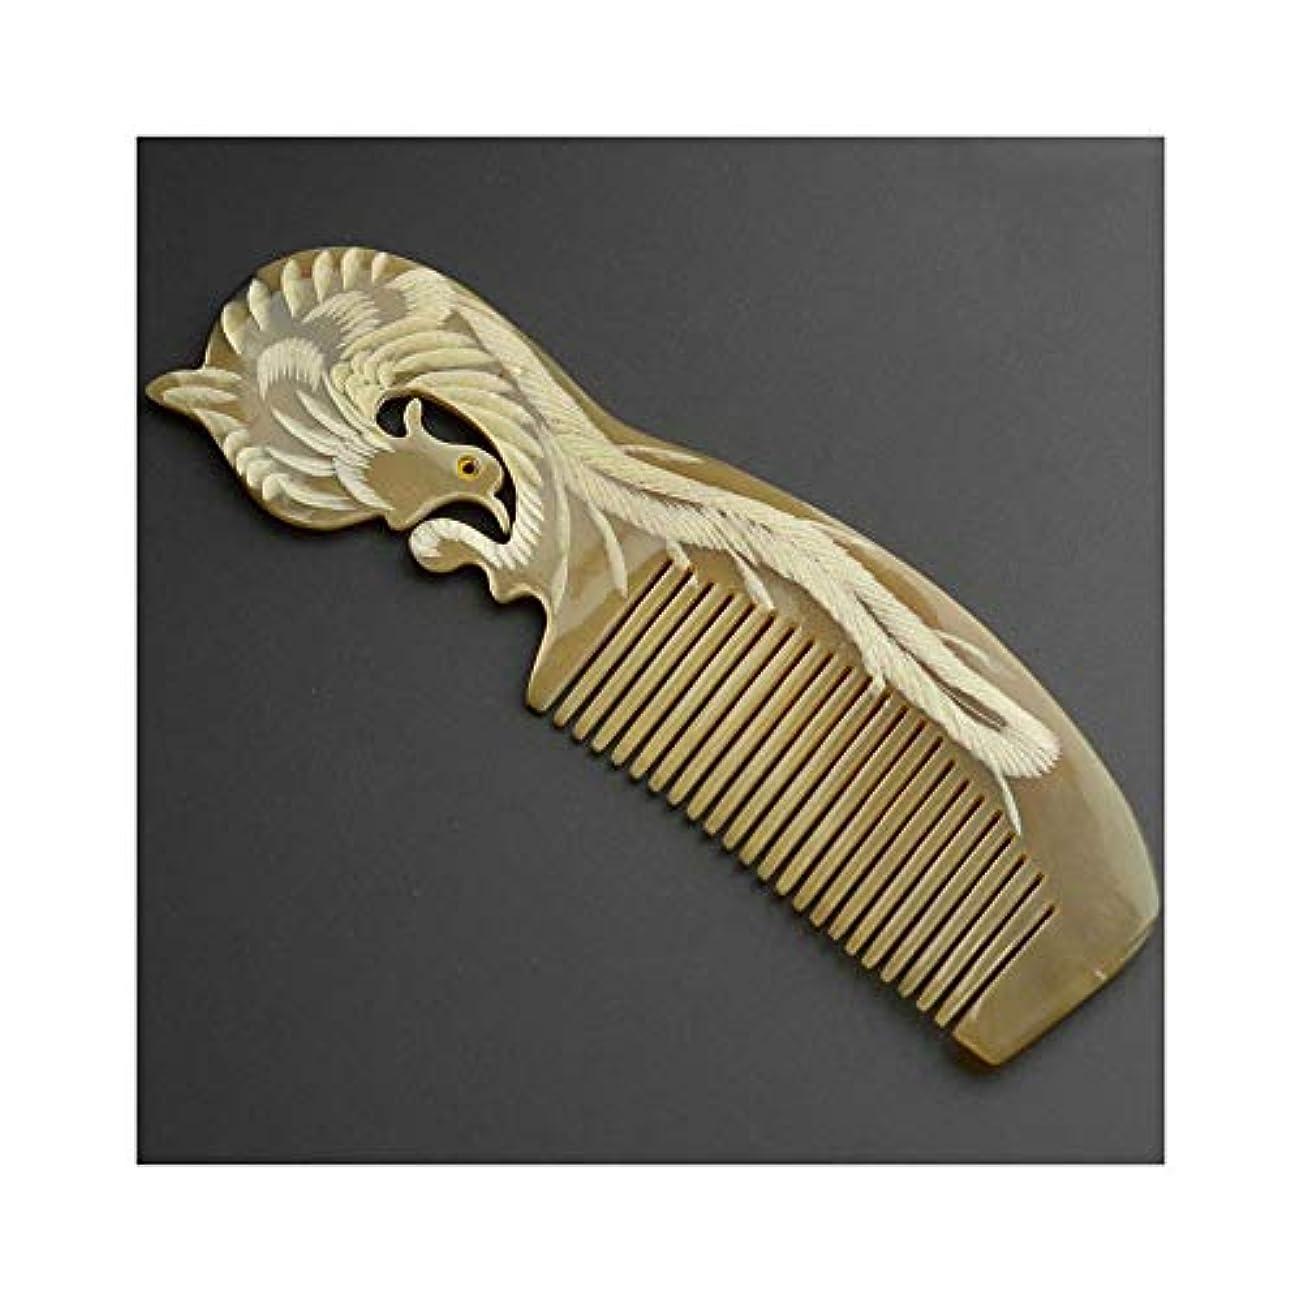 売る繁殖感嘆符新しい木製のくしナチュラルサンダルウッド両面彫刻マッサージくし手作りワイド歯ヘアコーム ヘアケア (色 : Photo color)